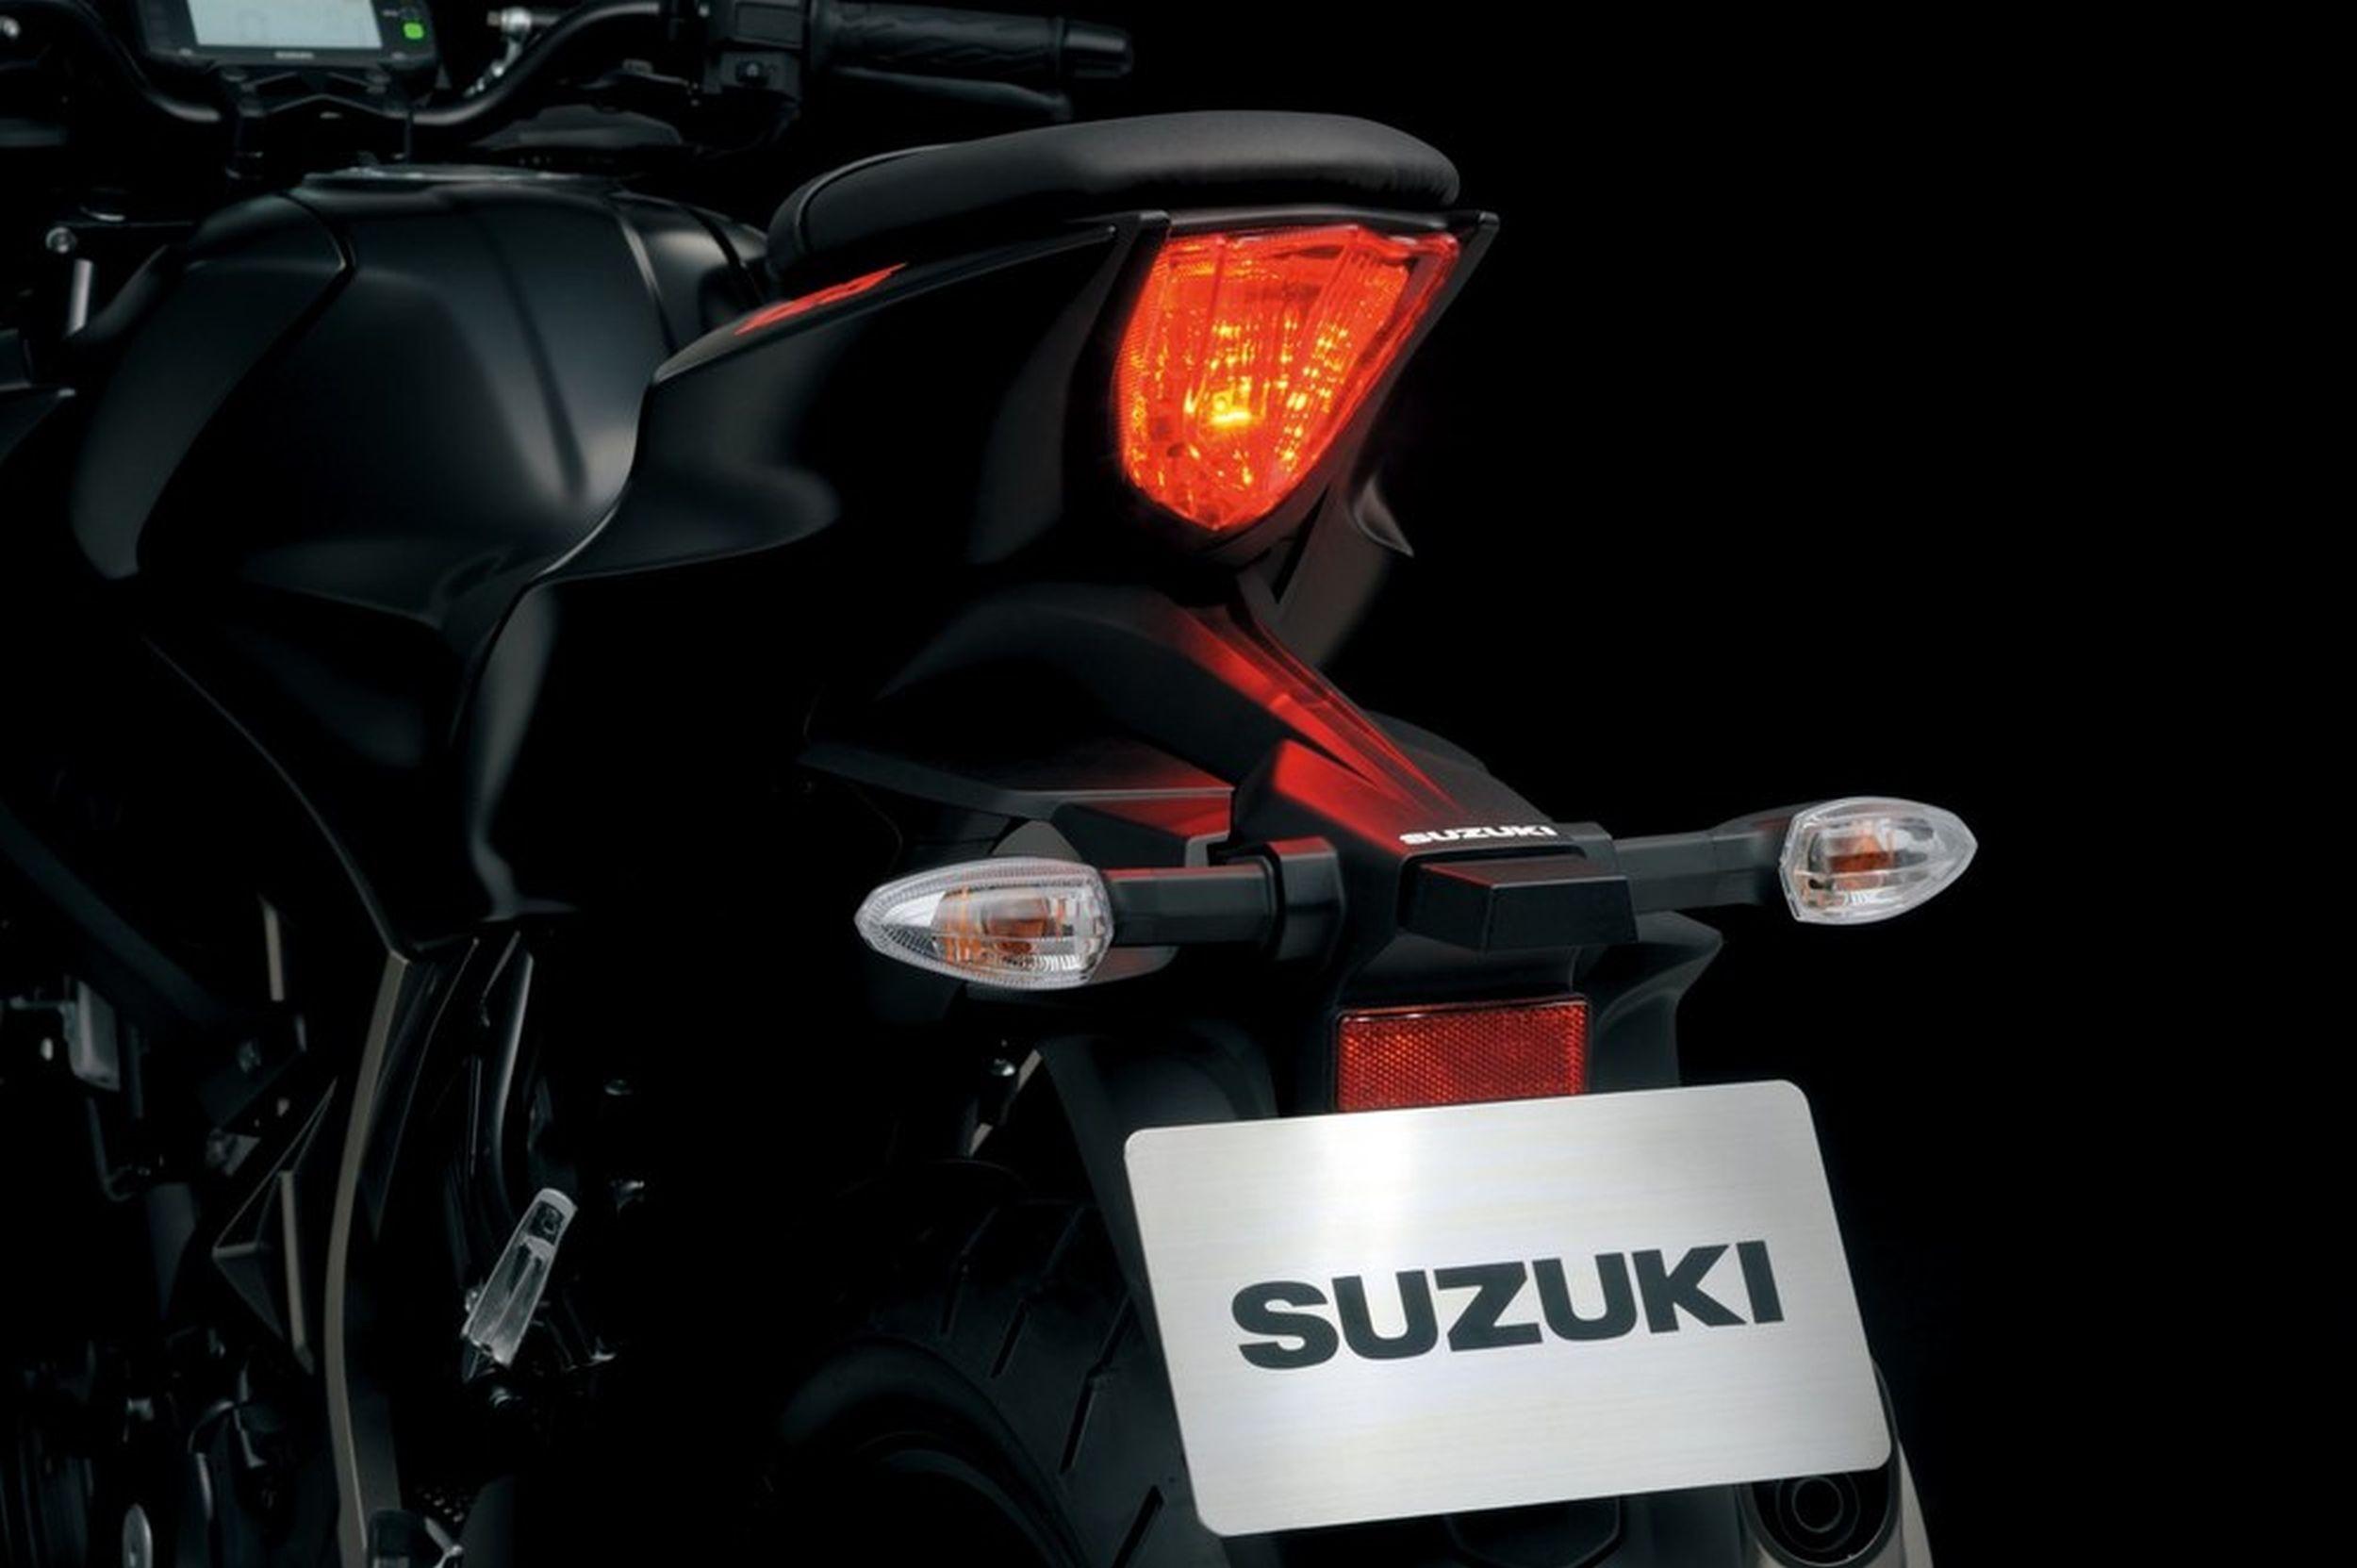 gebrauchte suzuki gsx s 125 motorr der kaufen. Black Bedroom Furniture Sets. Home Design Ideas